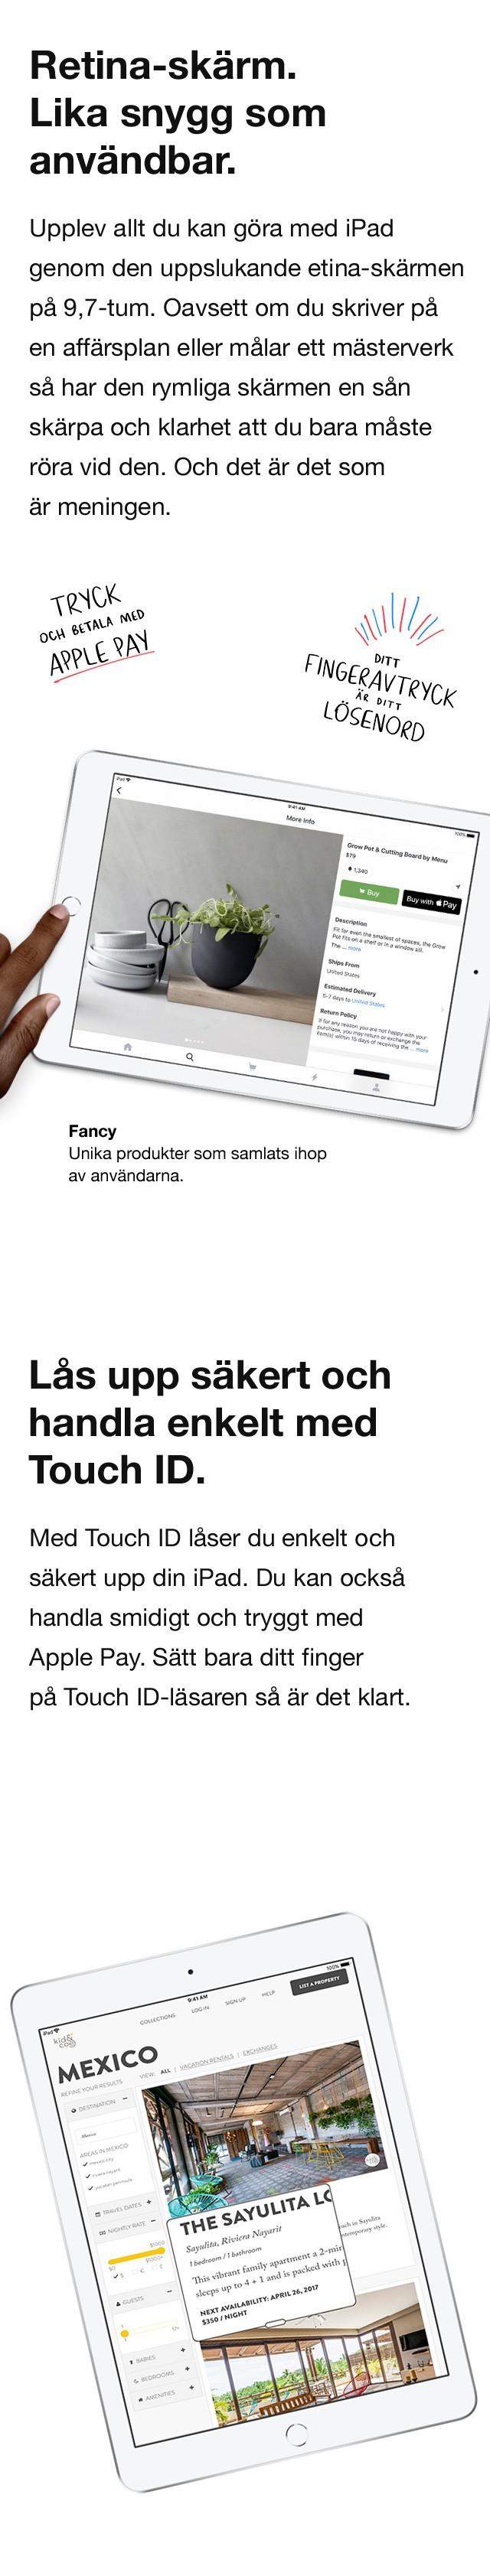 Tryck och betala snabbt och enkelt med Apple Pay